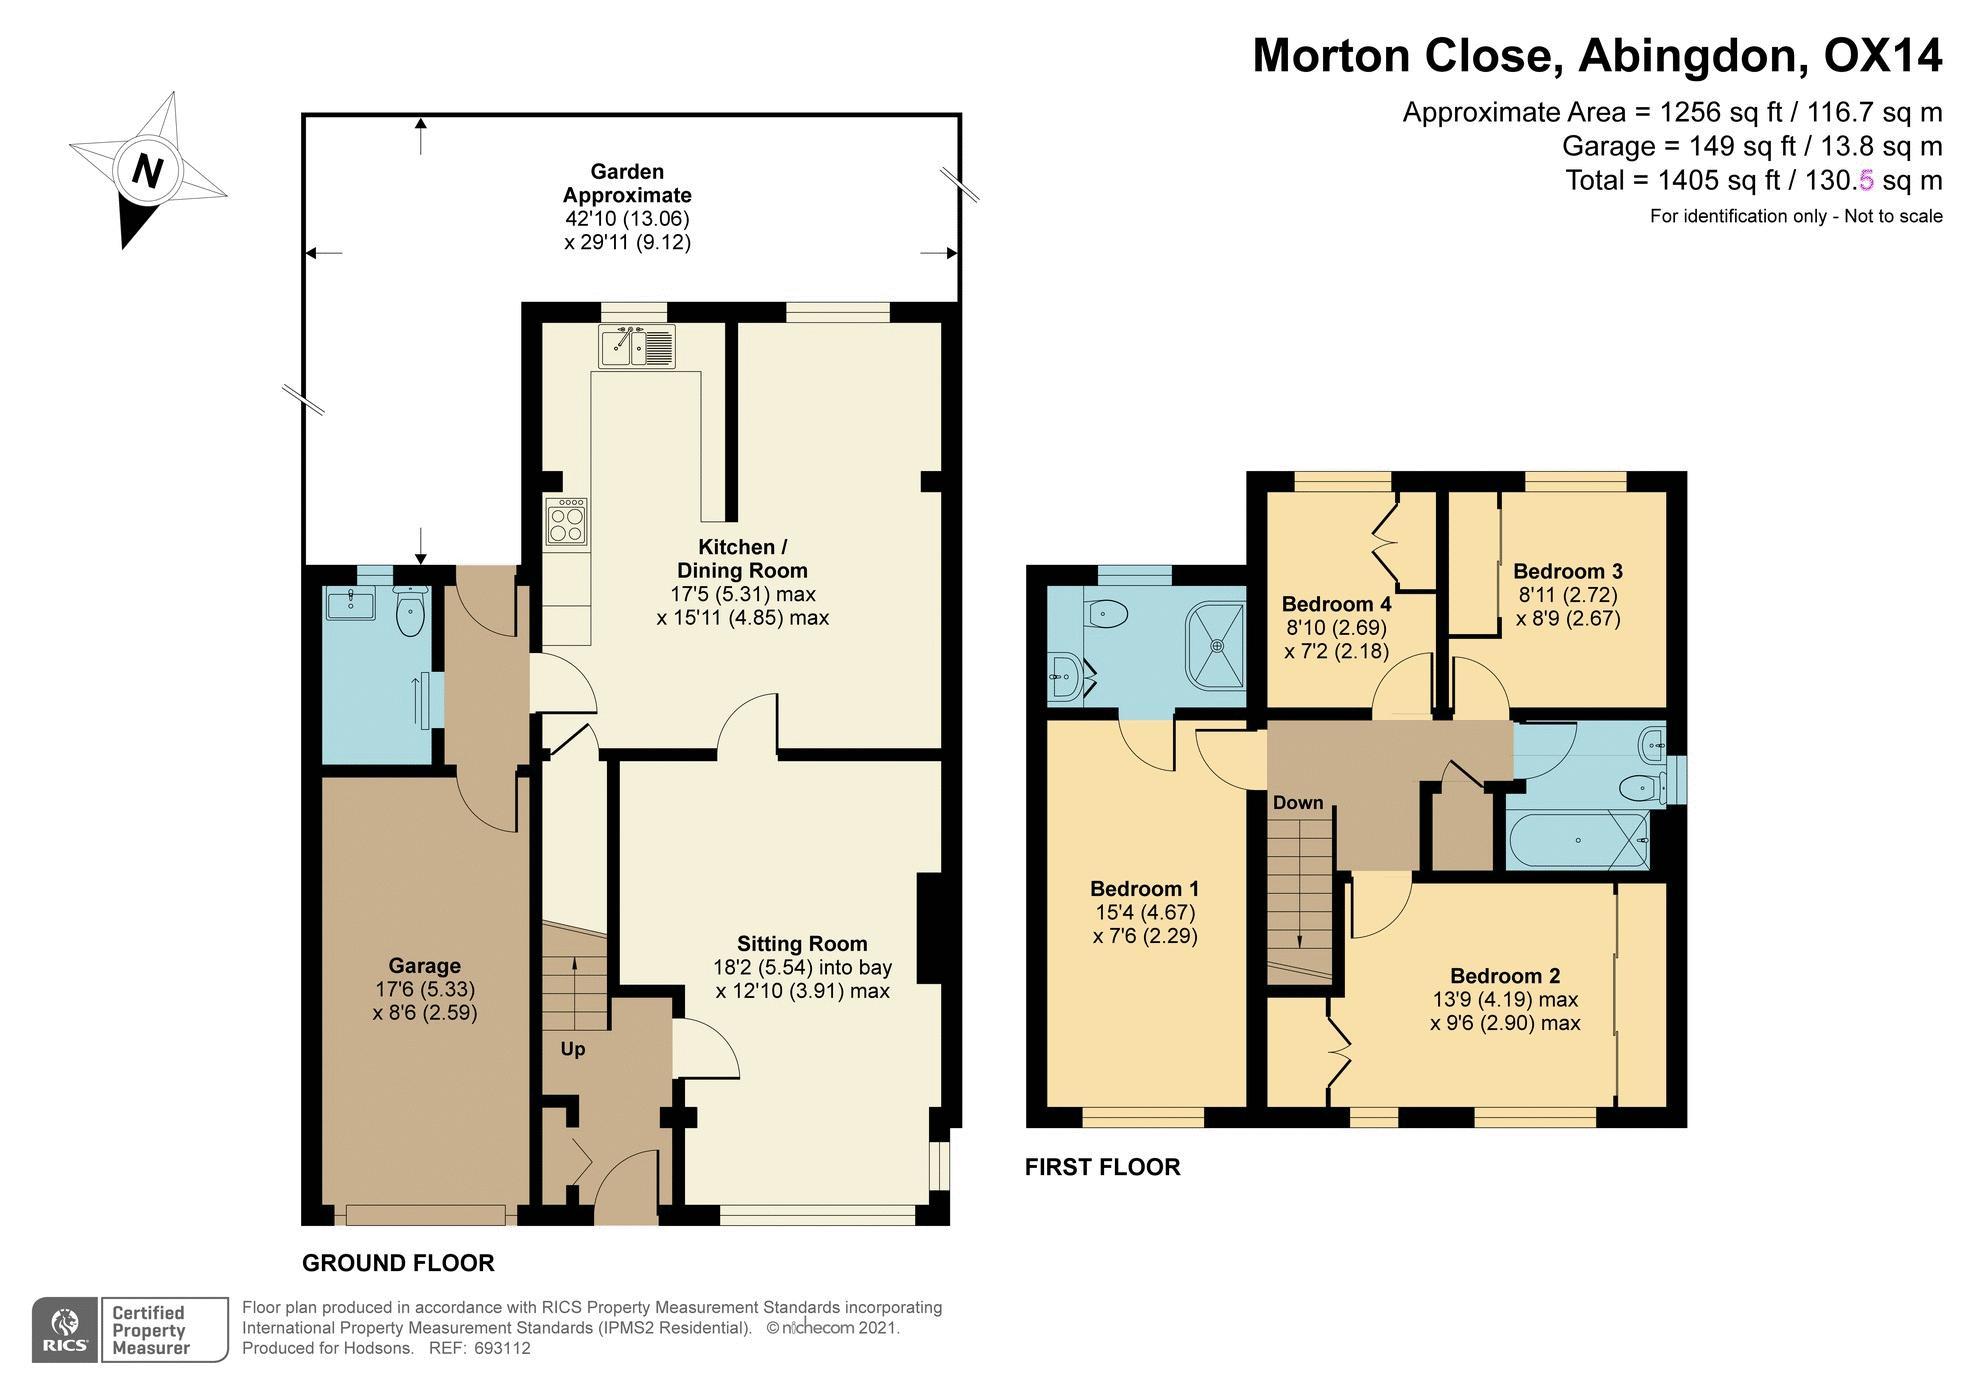 Morton Close